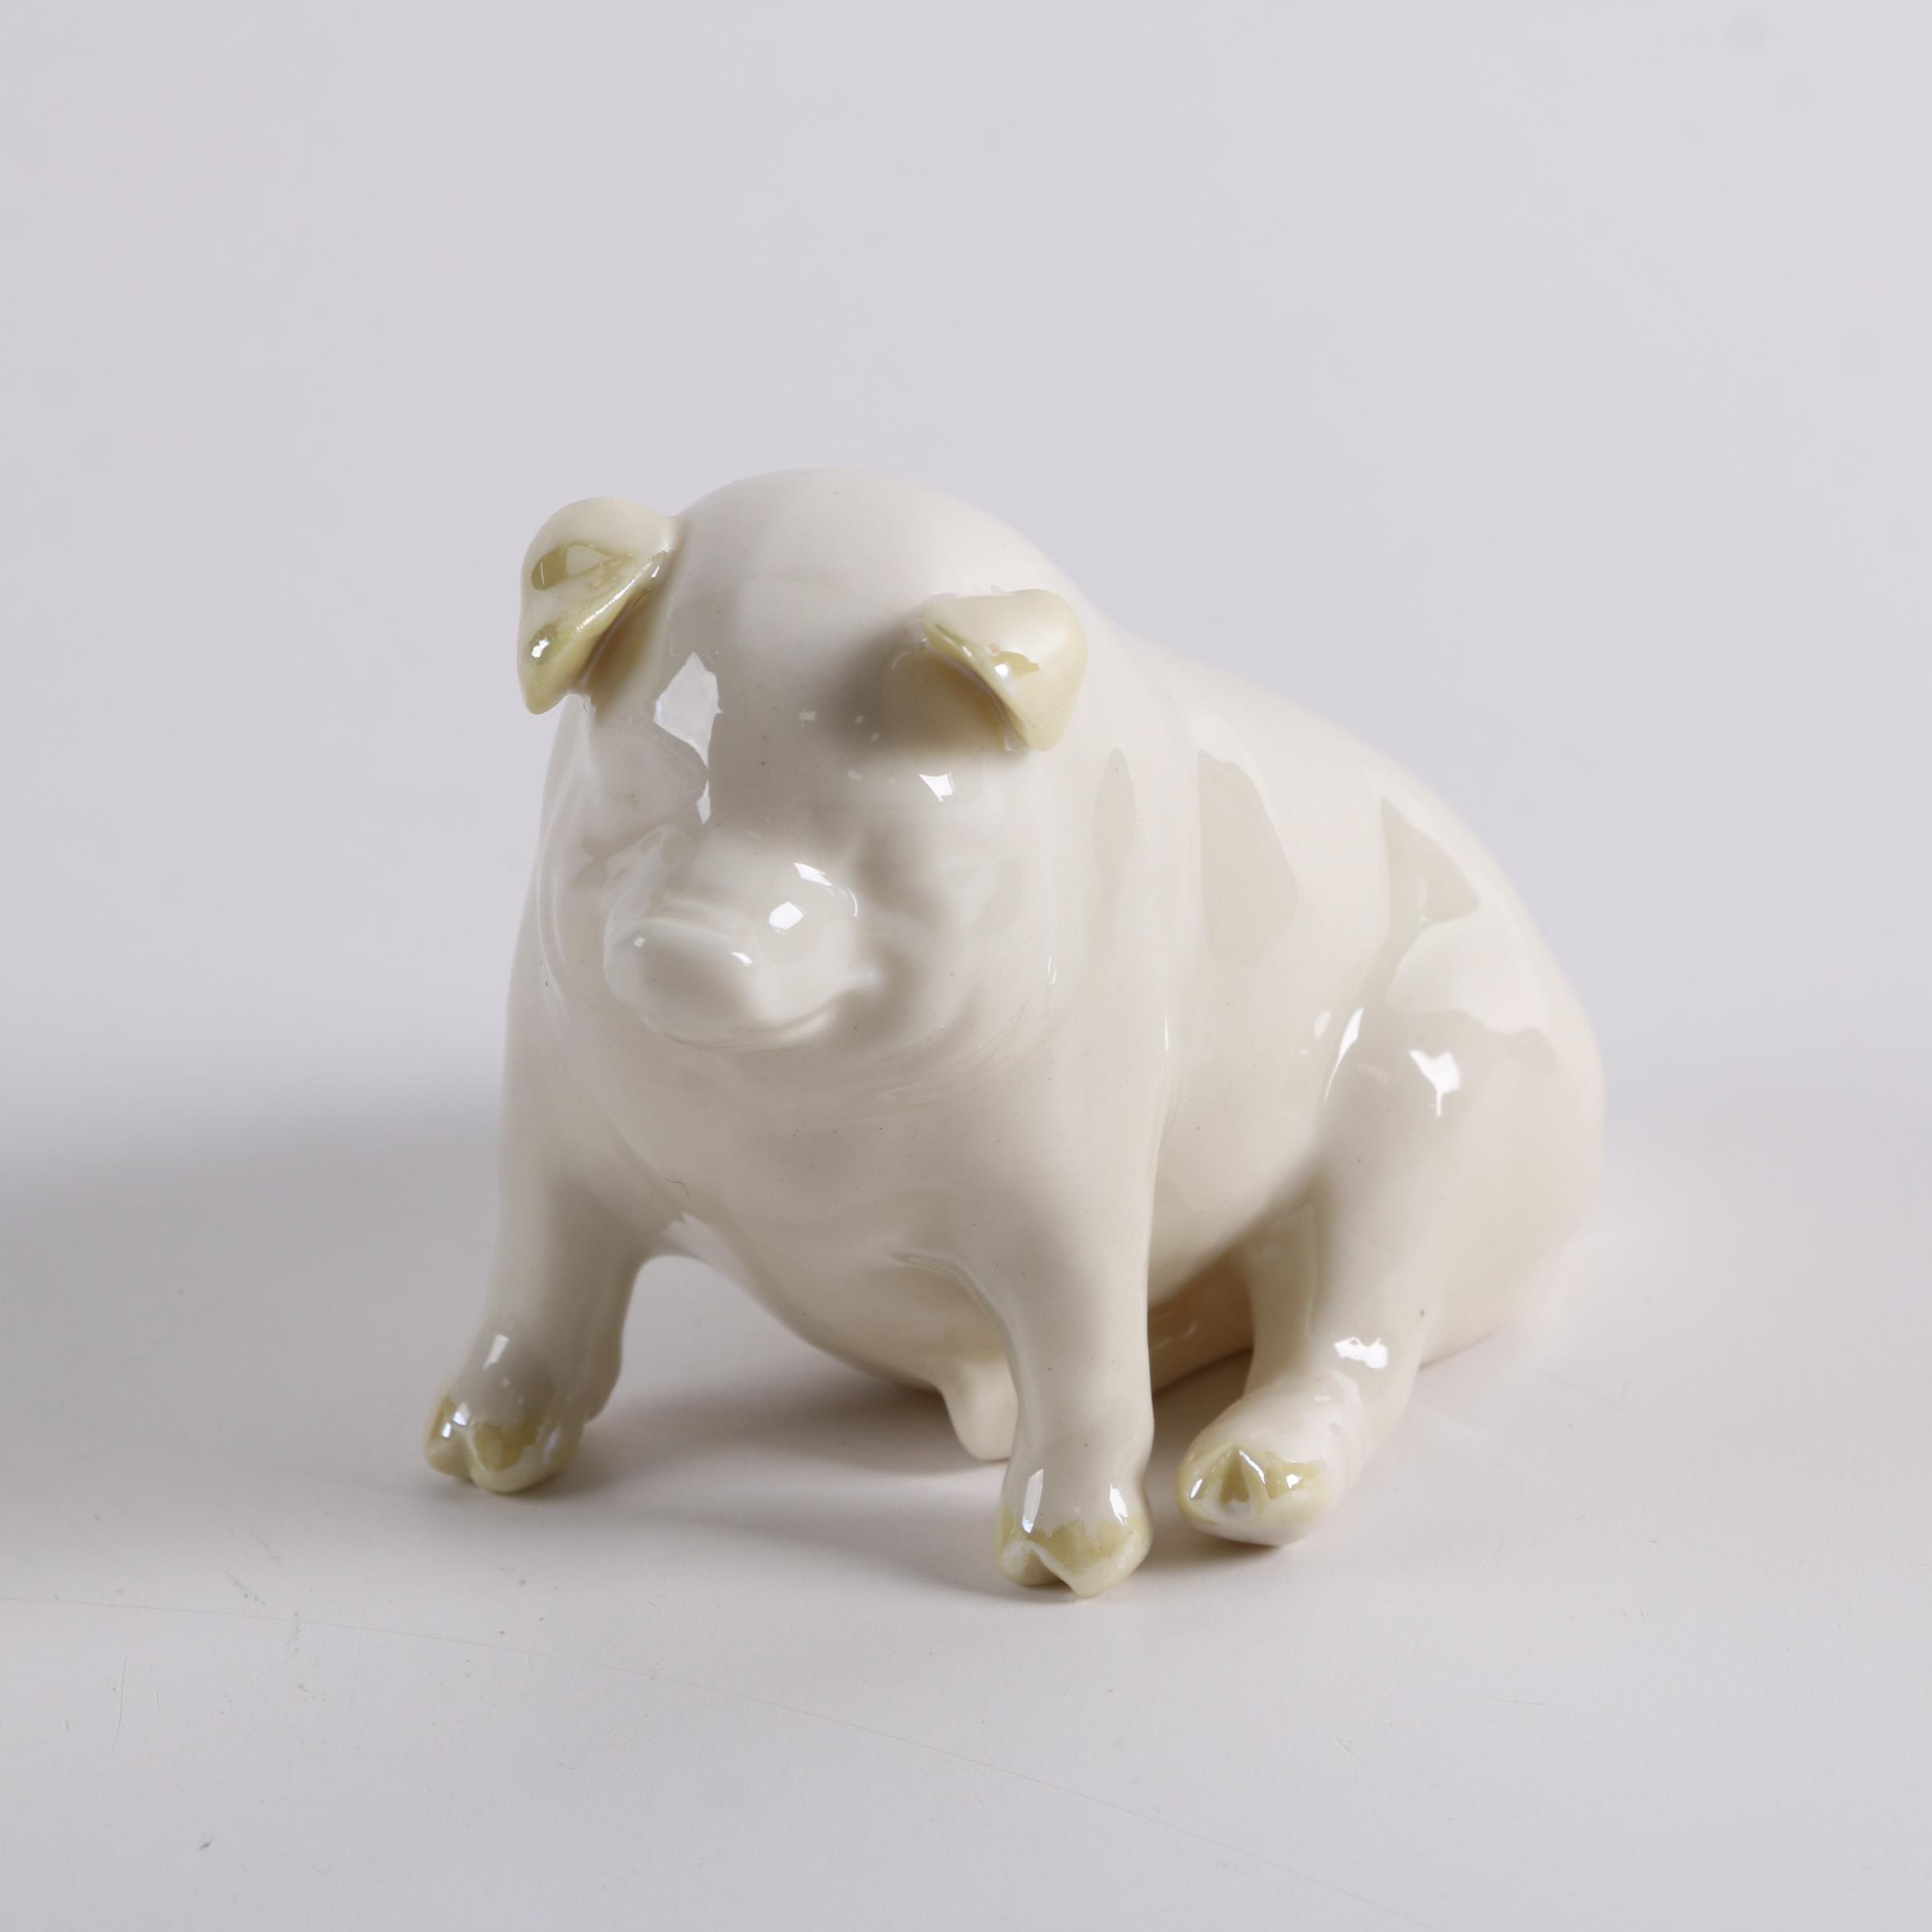 Vintage Belleek Porcelain Pig Figurine